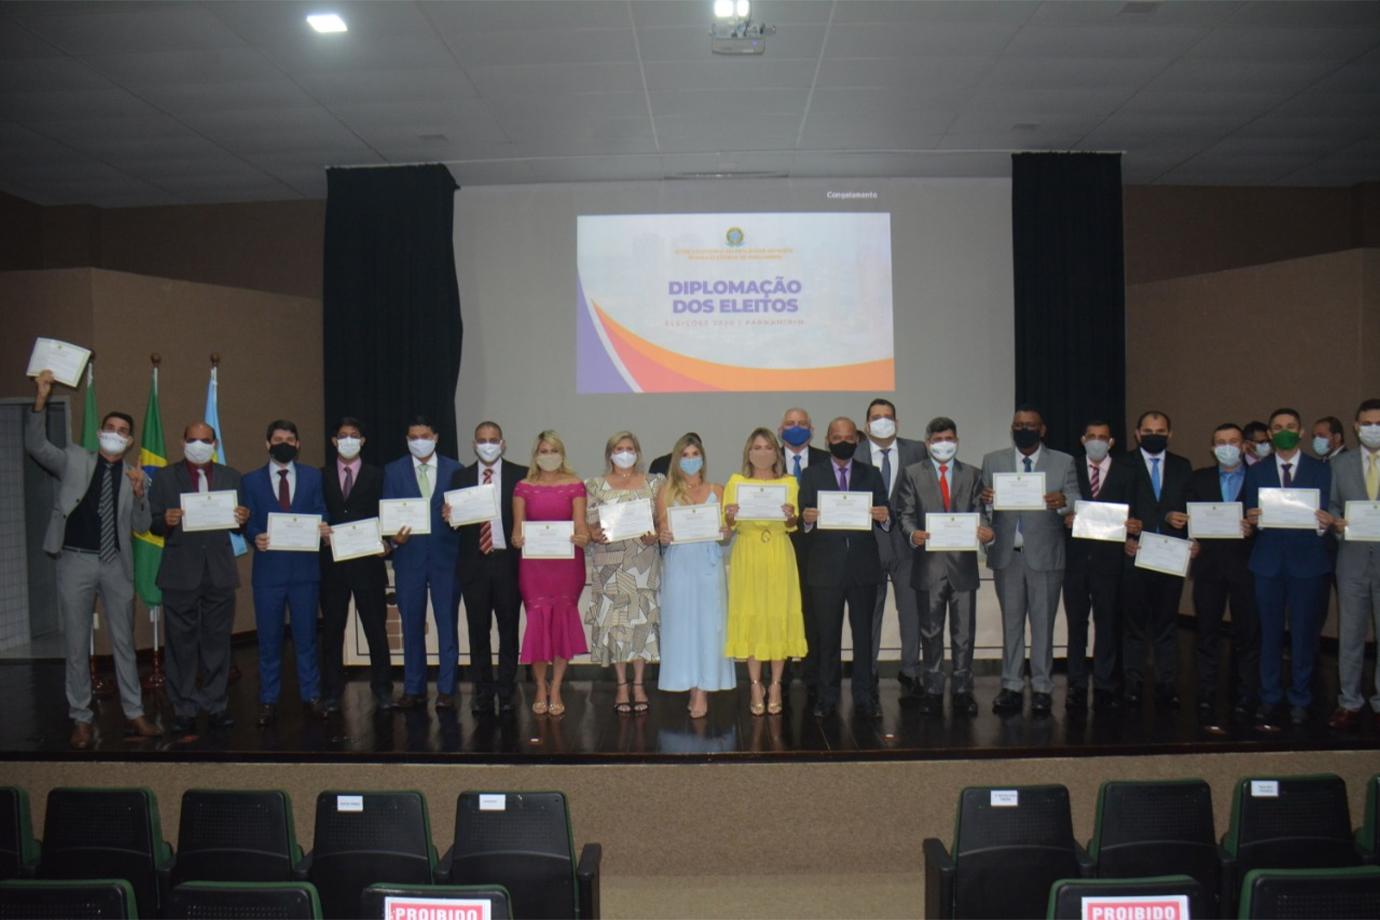 Prefeito, Vice-Prefeita e Vereadores de Parnamirim são diplomados